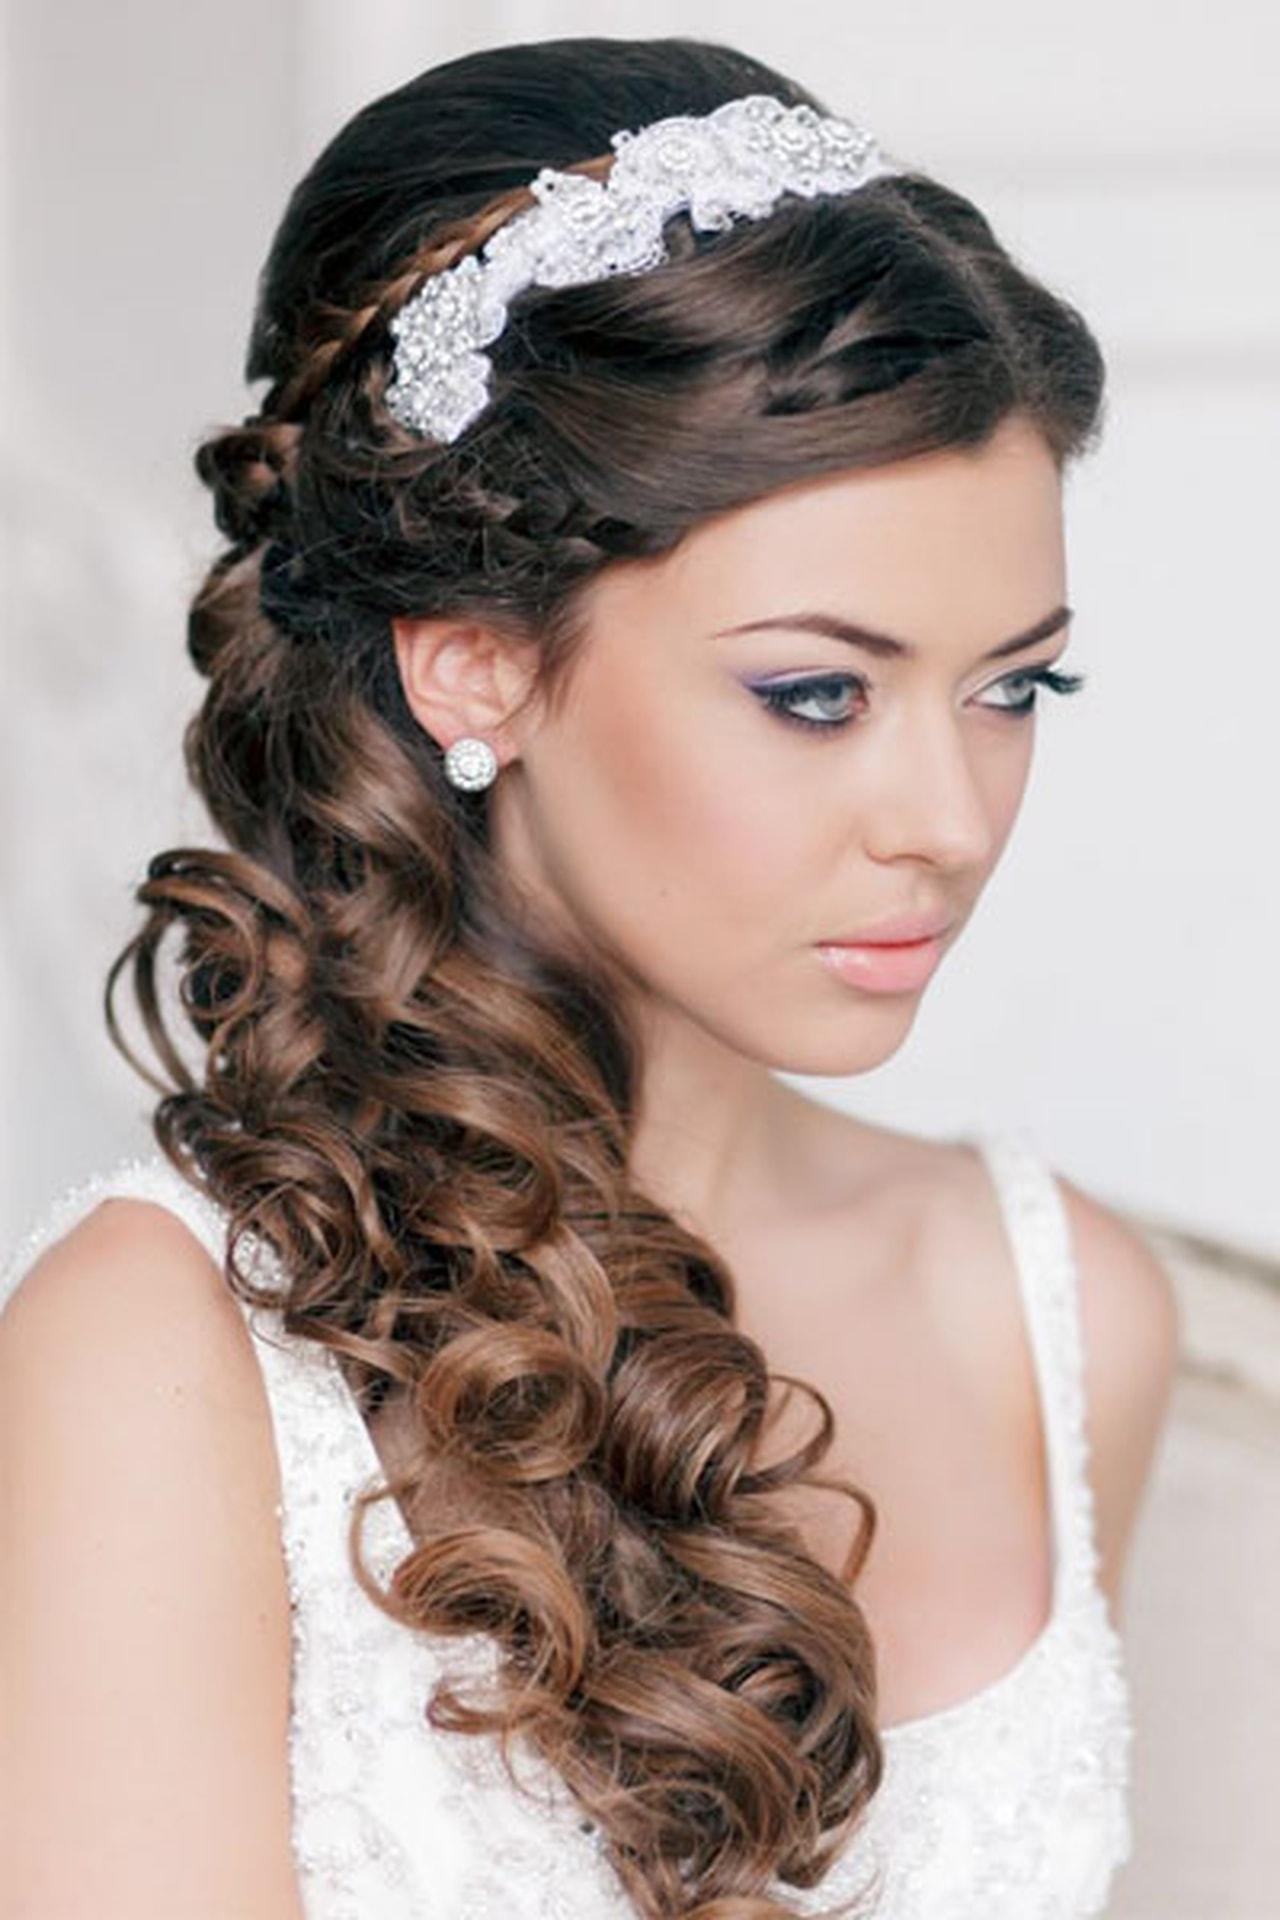 بالصور صور تسريحات شعر عروس , احلى تسريحات للعرايس 7268 9